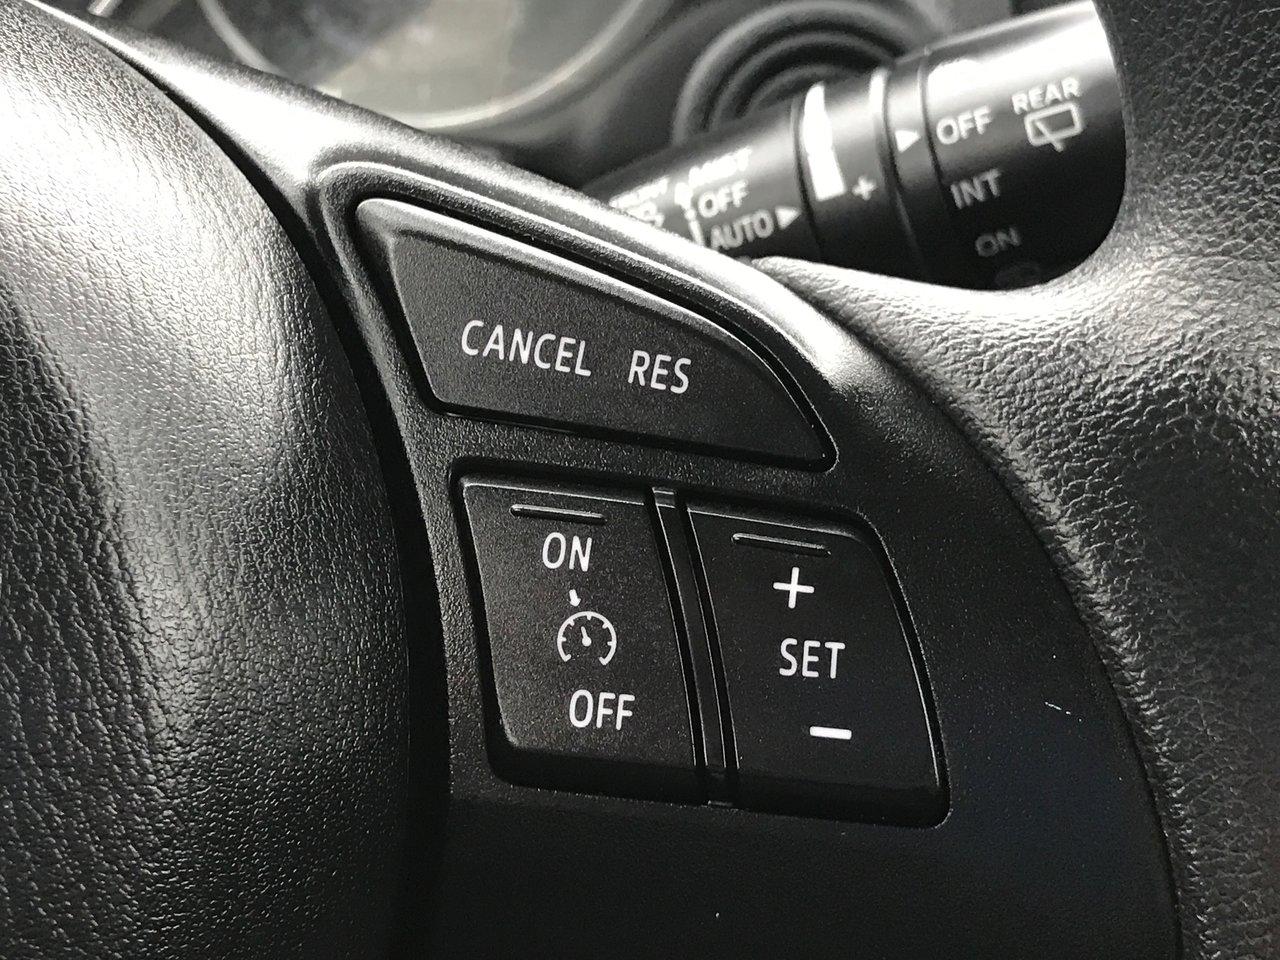 Photo 2015 Mazda CX-5 AWD! UNLIMITED KM WARRANTY! HEATED SEATS! SUNROOF! AWD! UNLIMITED KM WARRANTY! HEATED SEATS!